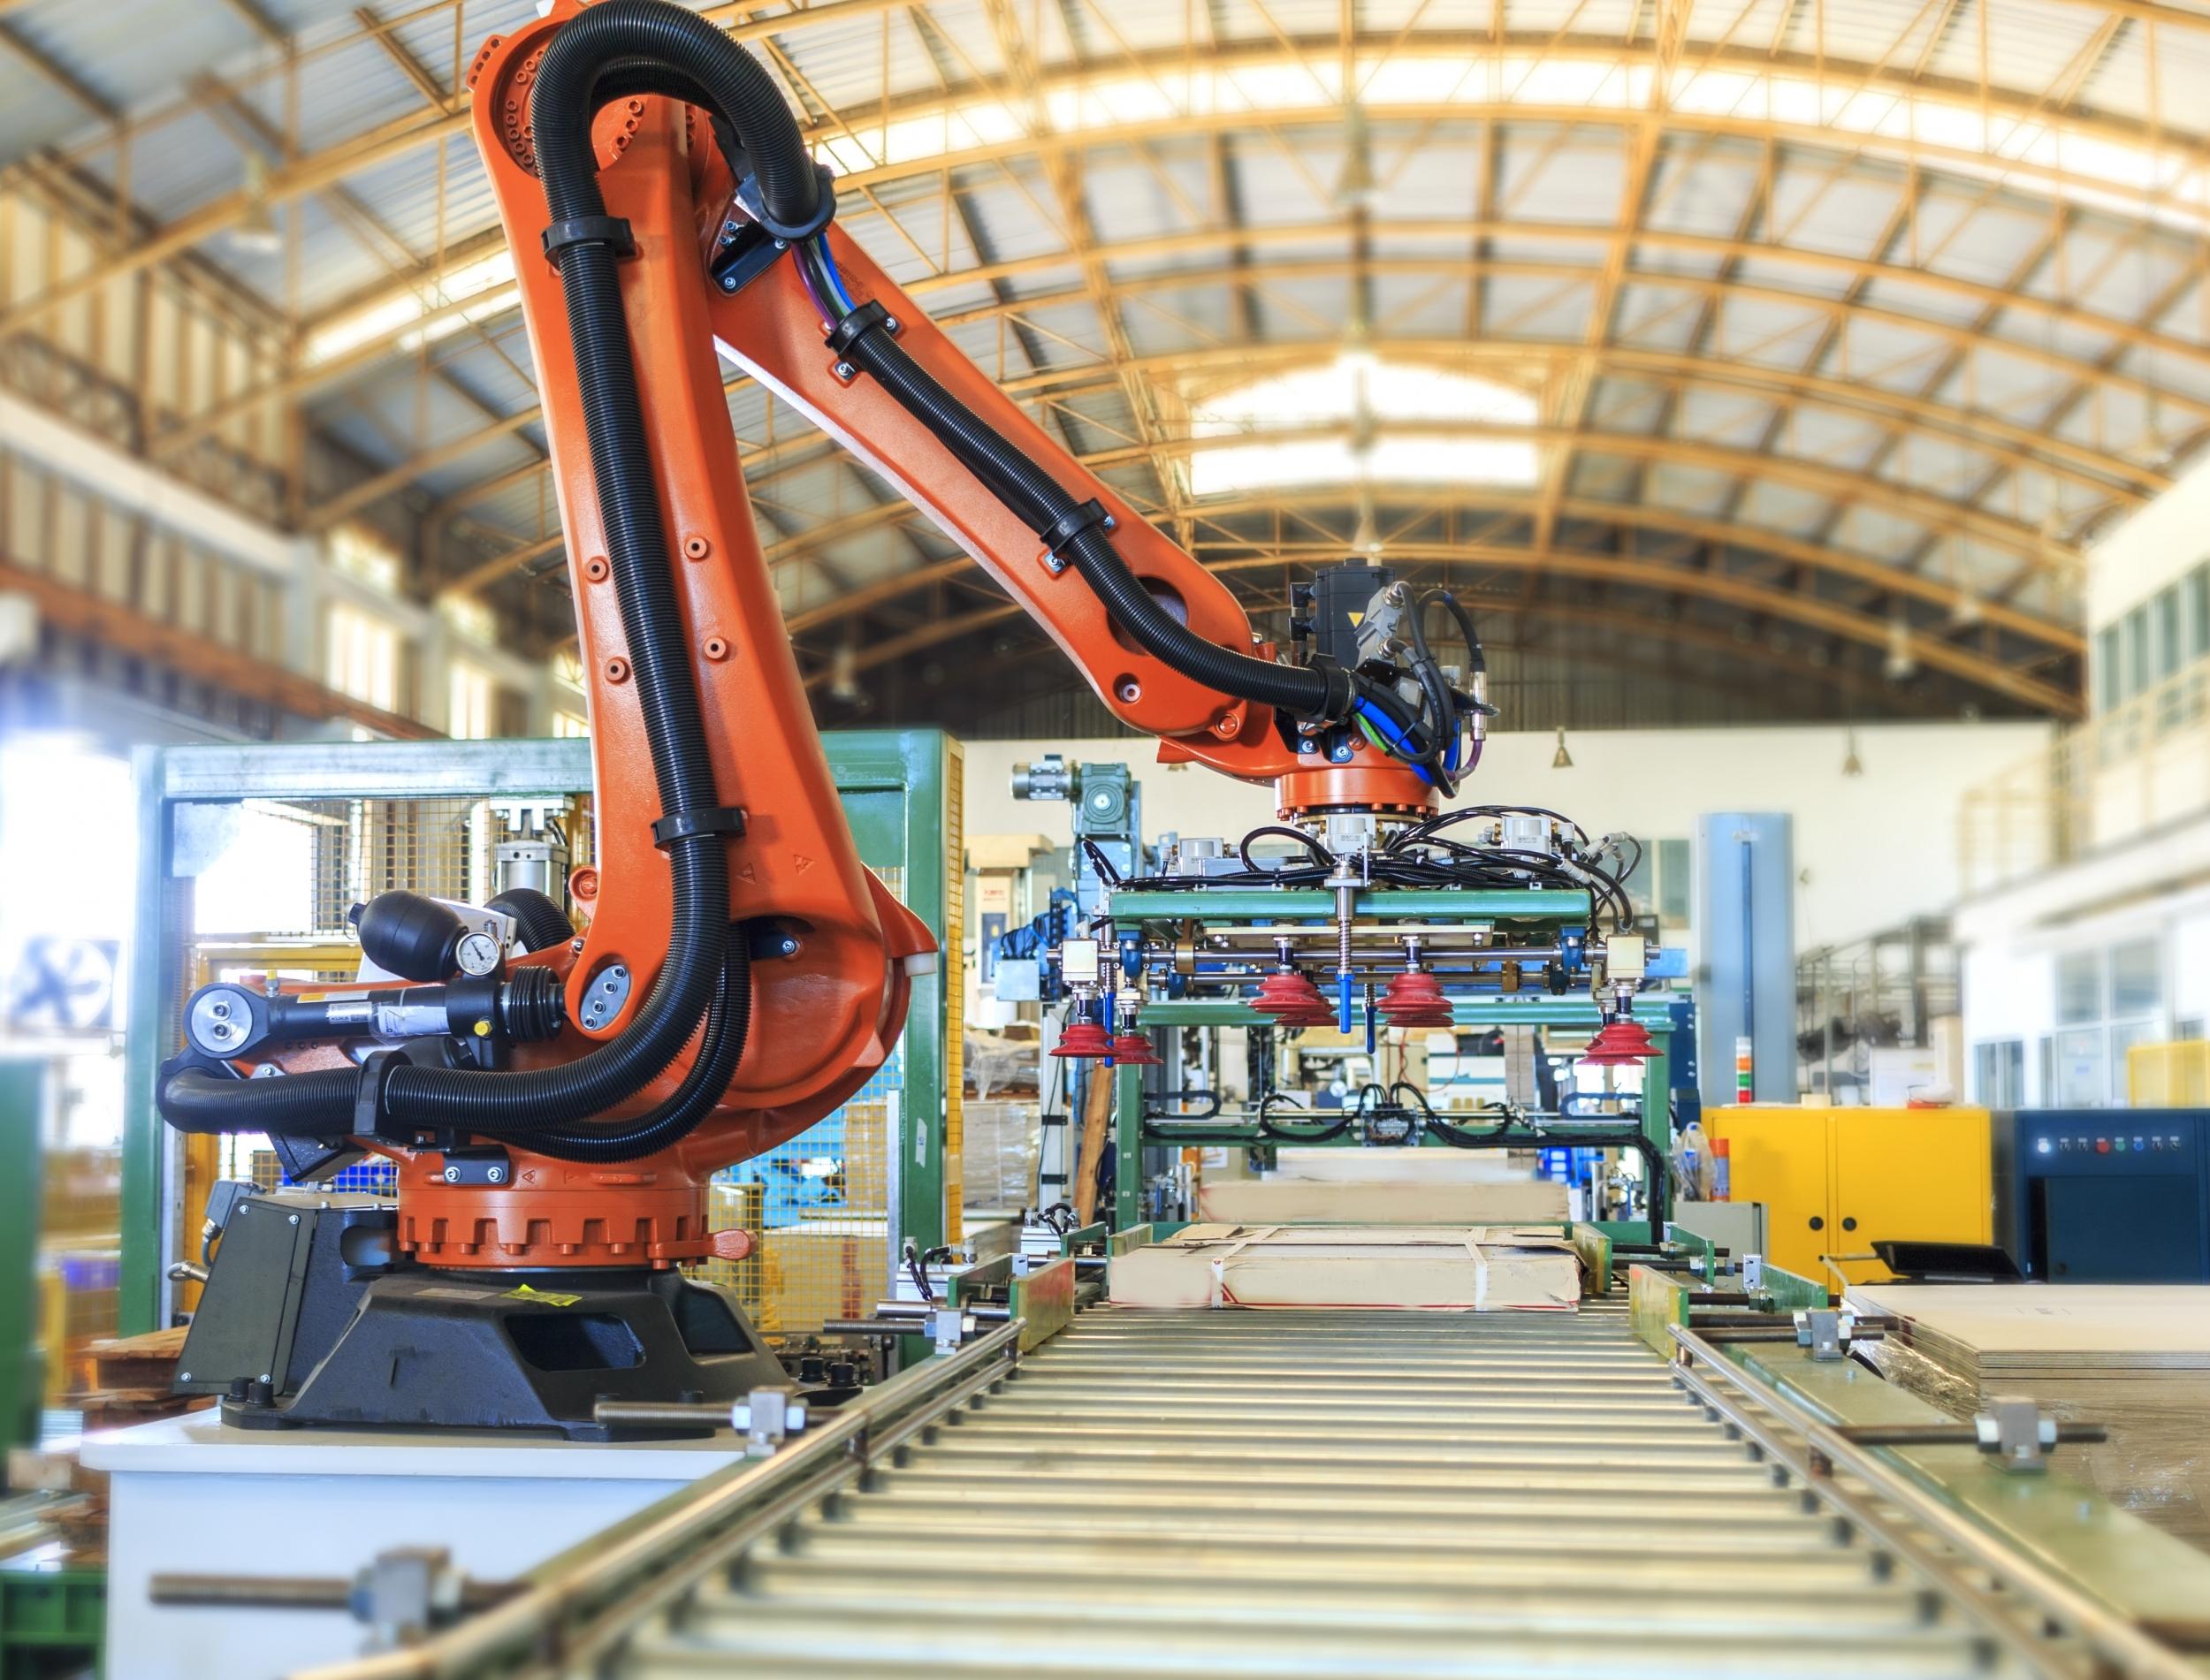 shutterstock_738303799-industrial-robot-in-smart-factory.jpg